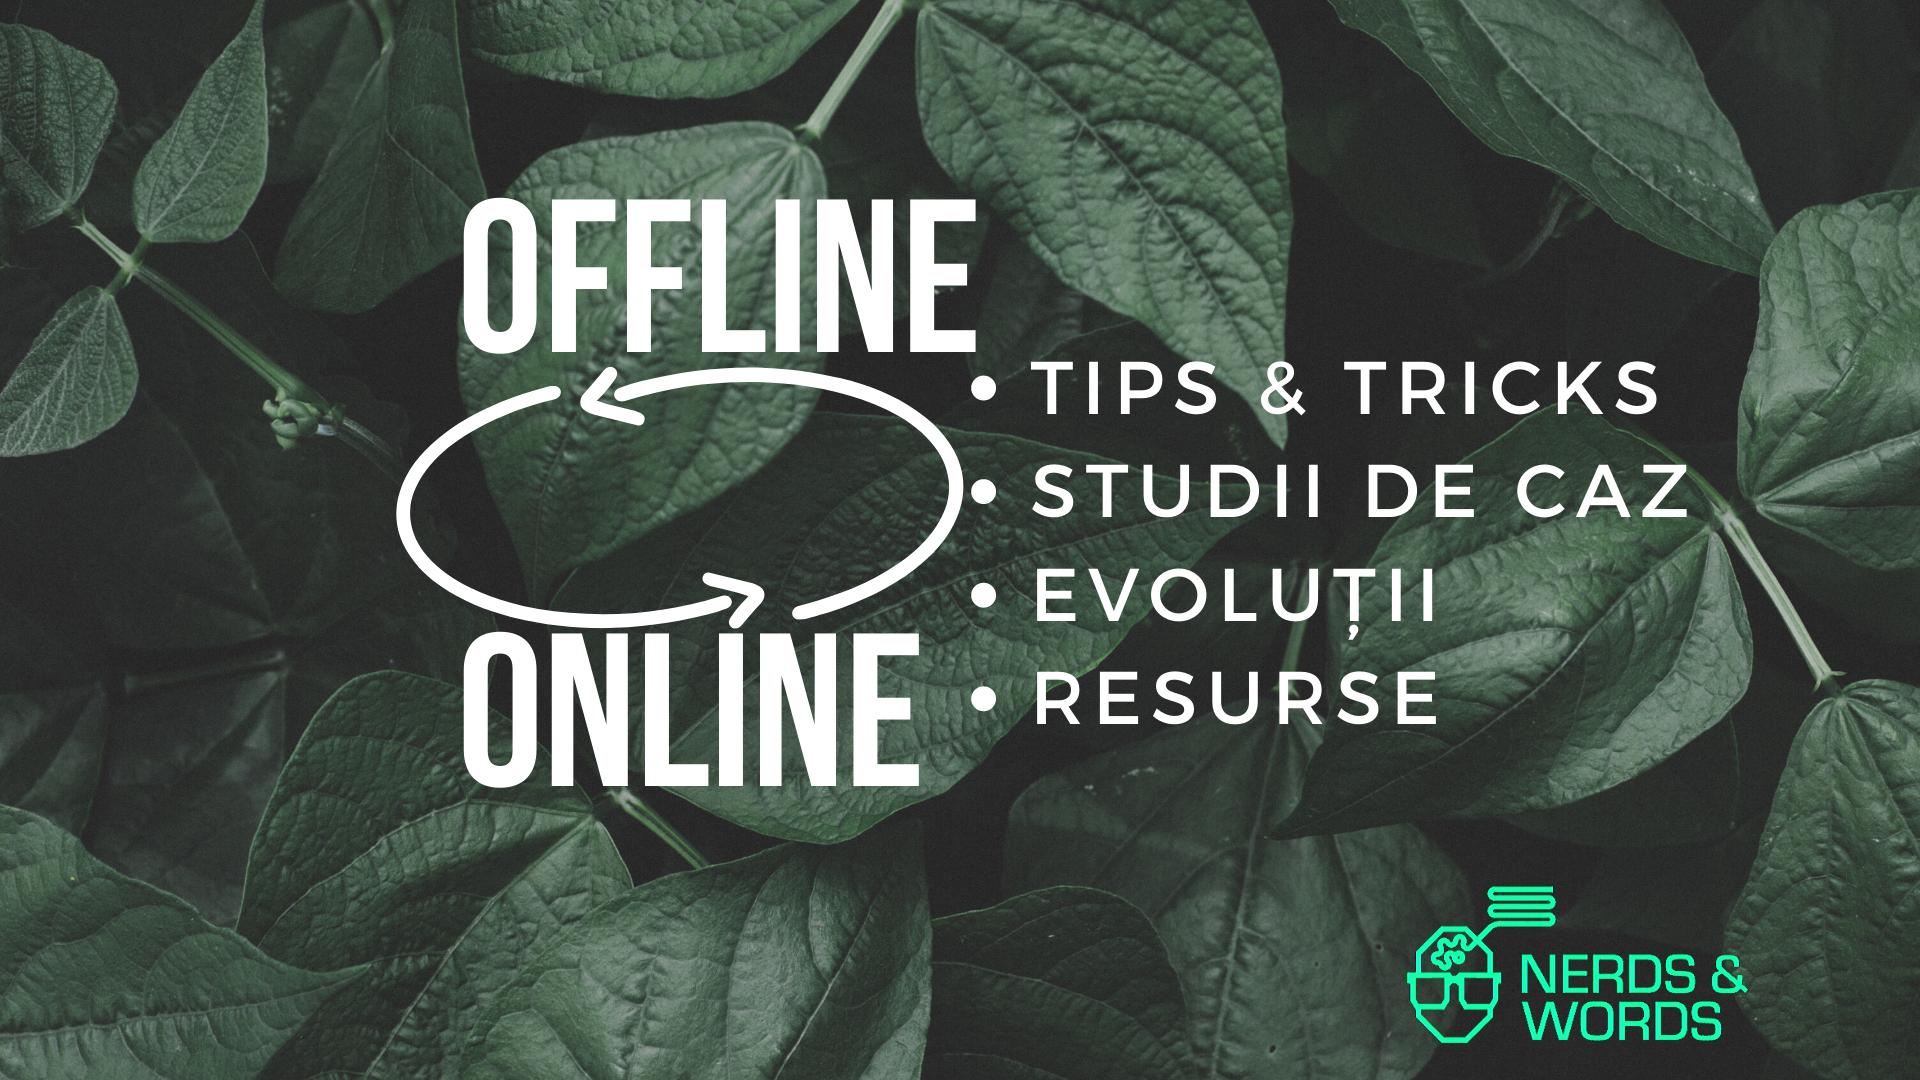 Trecerea la online: ce pot face businessurile offline zilele astea